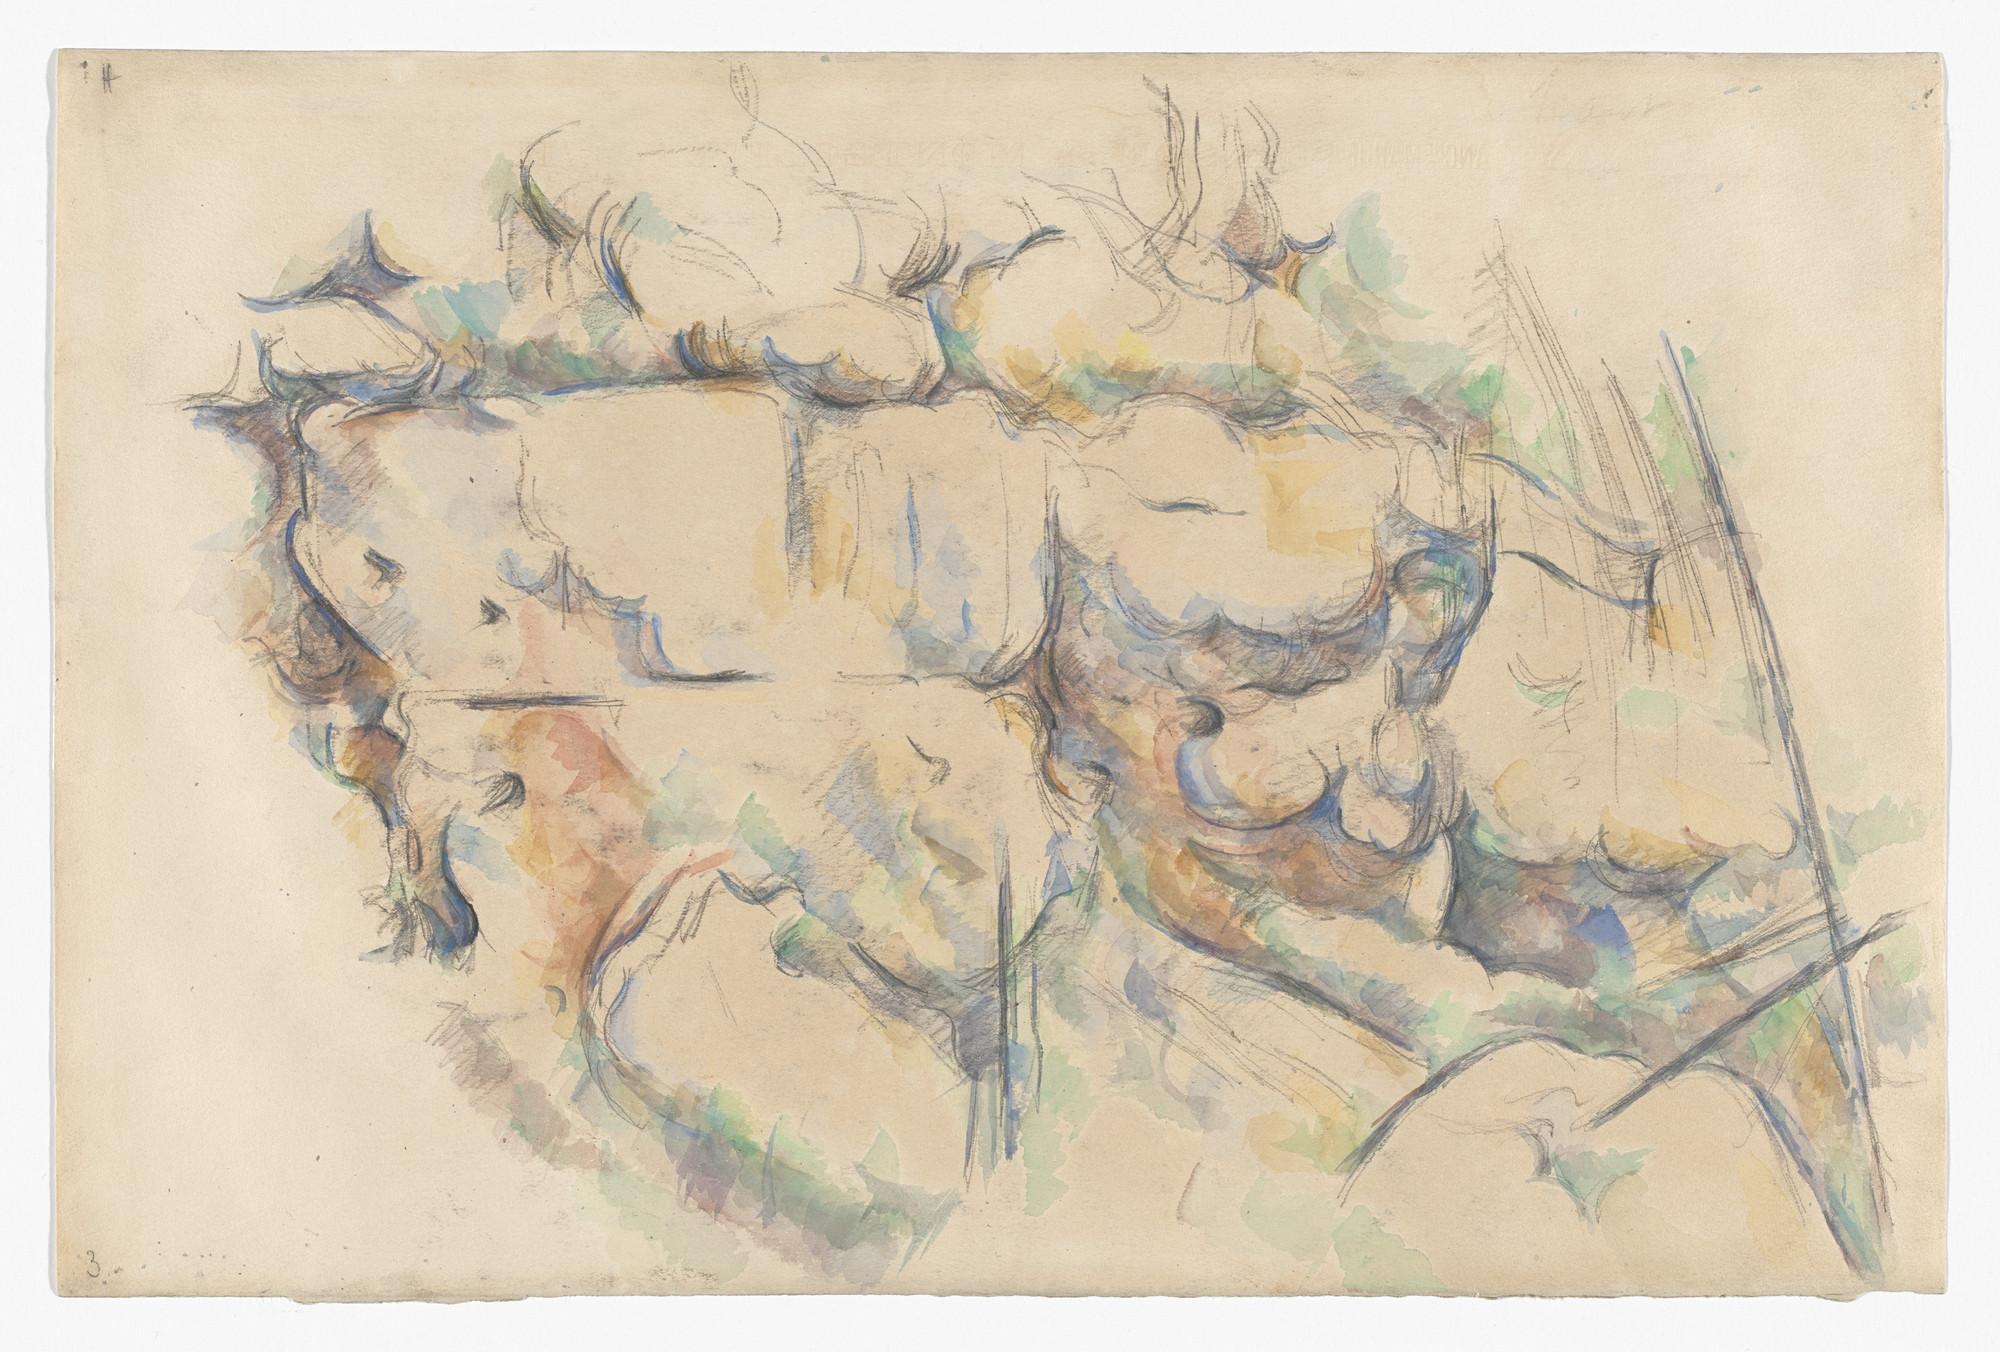 Paul Cézanne. Rocks Near the Caves above Château Noir. 1895–1900 | MoMA